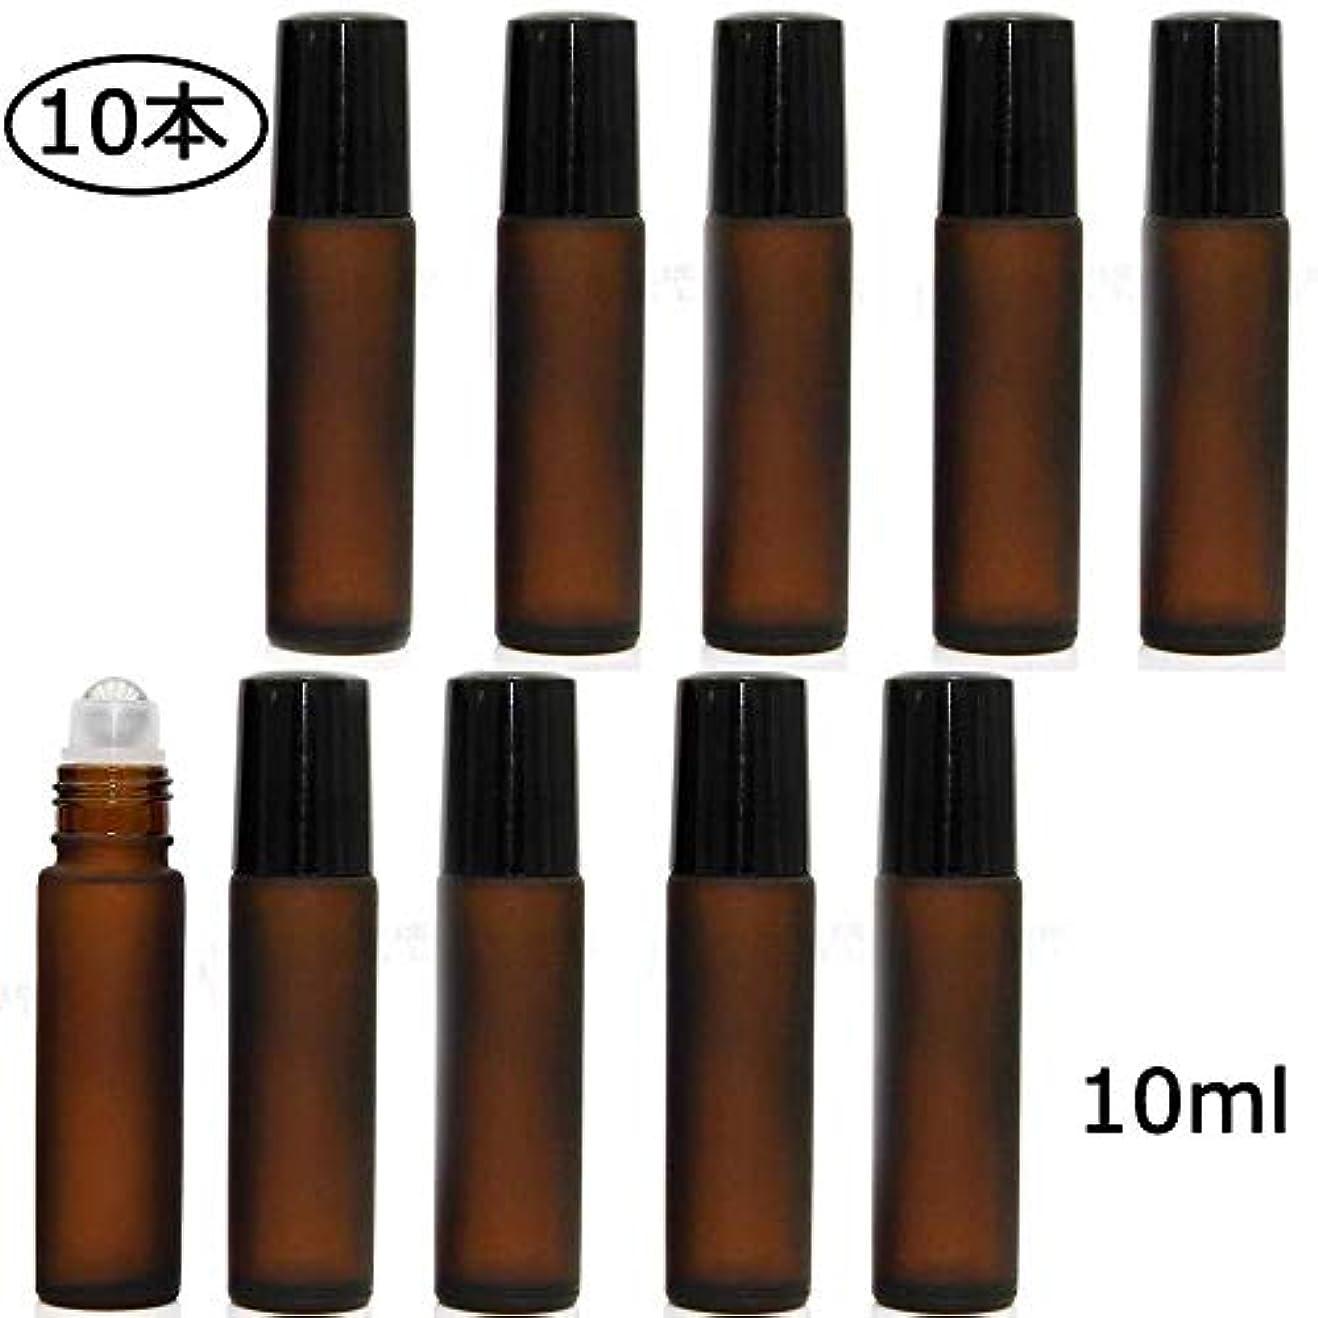 寺院スリルトーナメントgundoop ロールオンボトル アロマオイル 精油 小分け用 遮光瓶 10ml 10本セット ガラスロールタイプ (茶色)